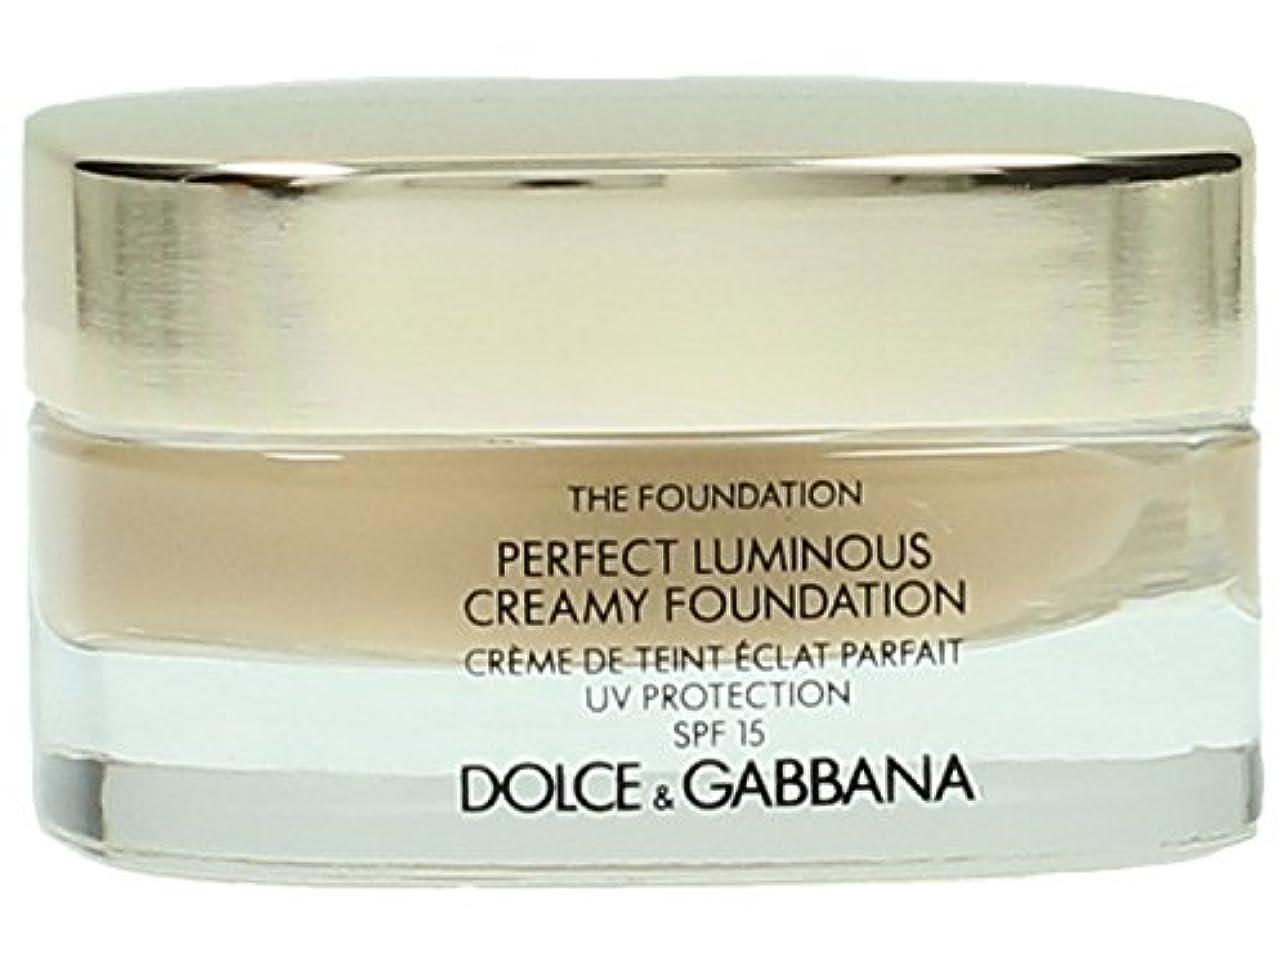 資産組デコードするDolce & Gabbana The Foundation Perfect Finish Creamy Foundation SPF 15 - # 120 Natural Beige 30ml